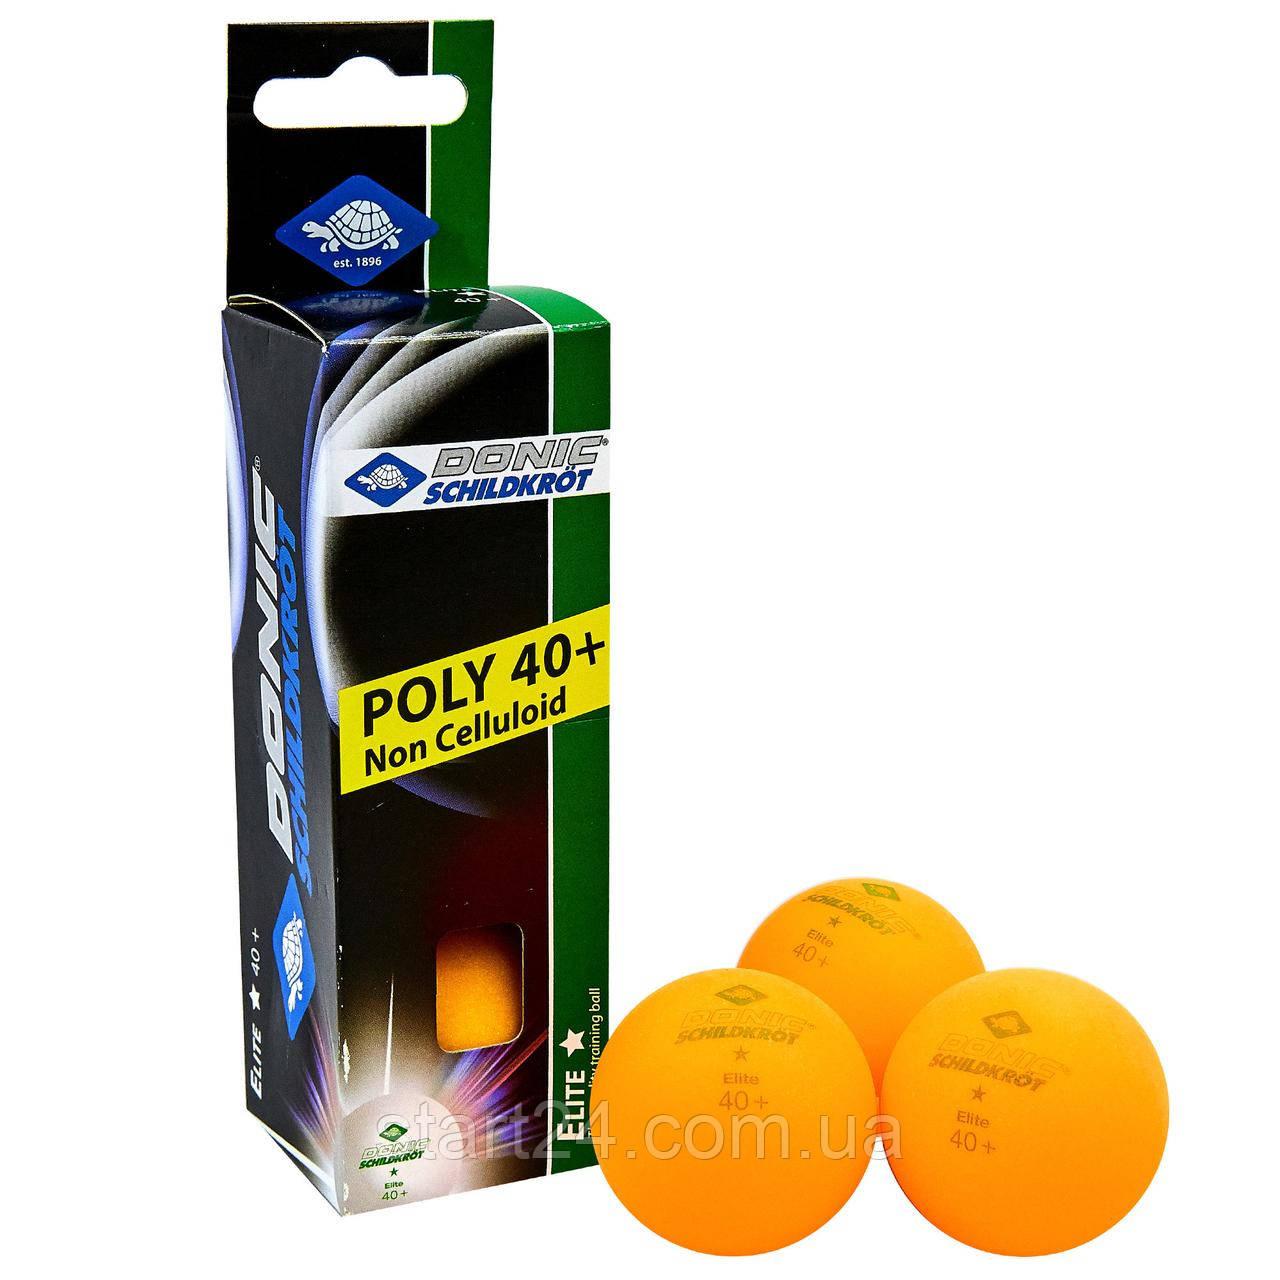 Набір м'ячів для настільного тенісу 3 штуки DONIC МТ-608318 ELITE 1star (пластик, d-40мм, оранжевий)